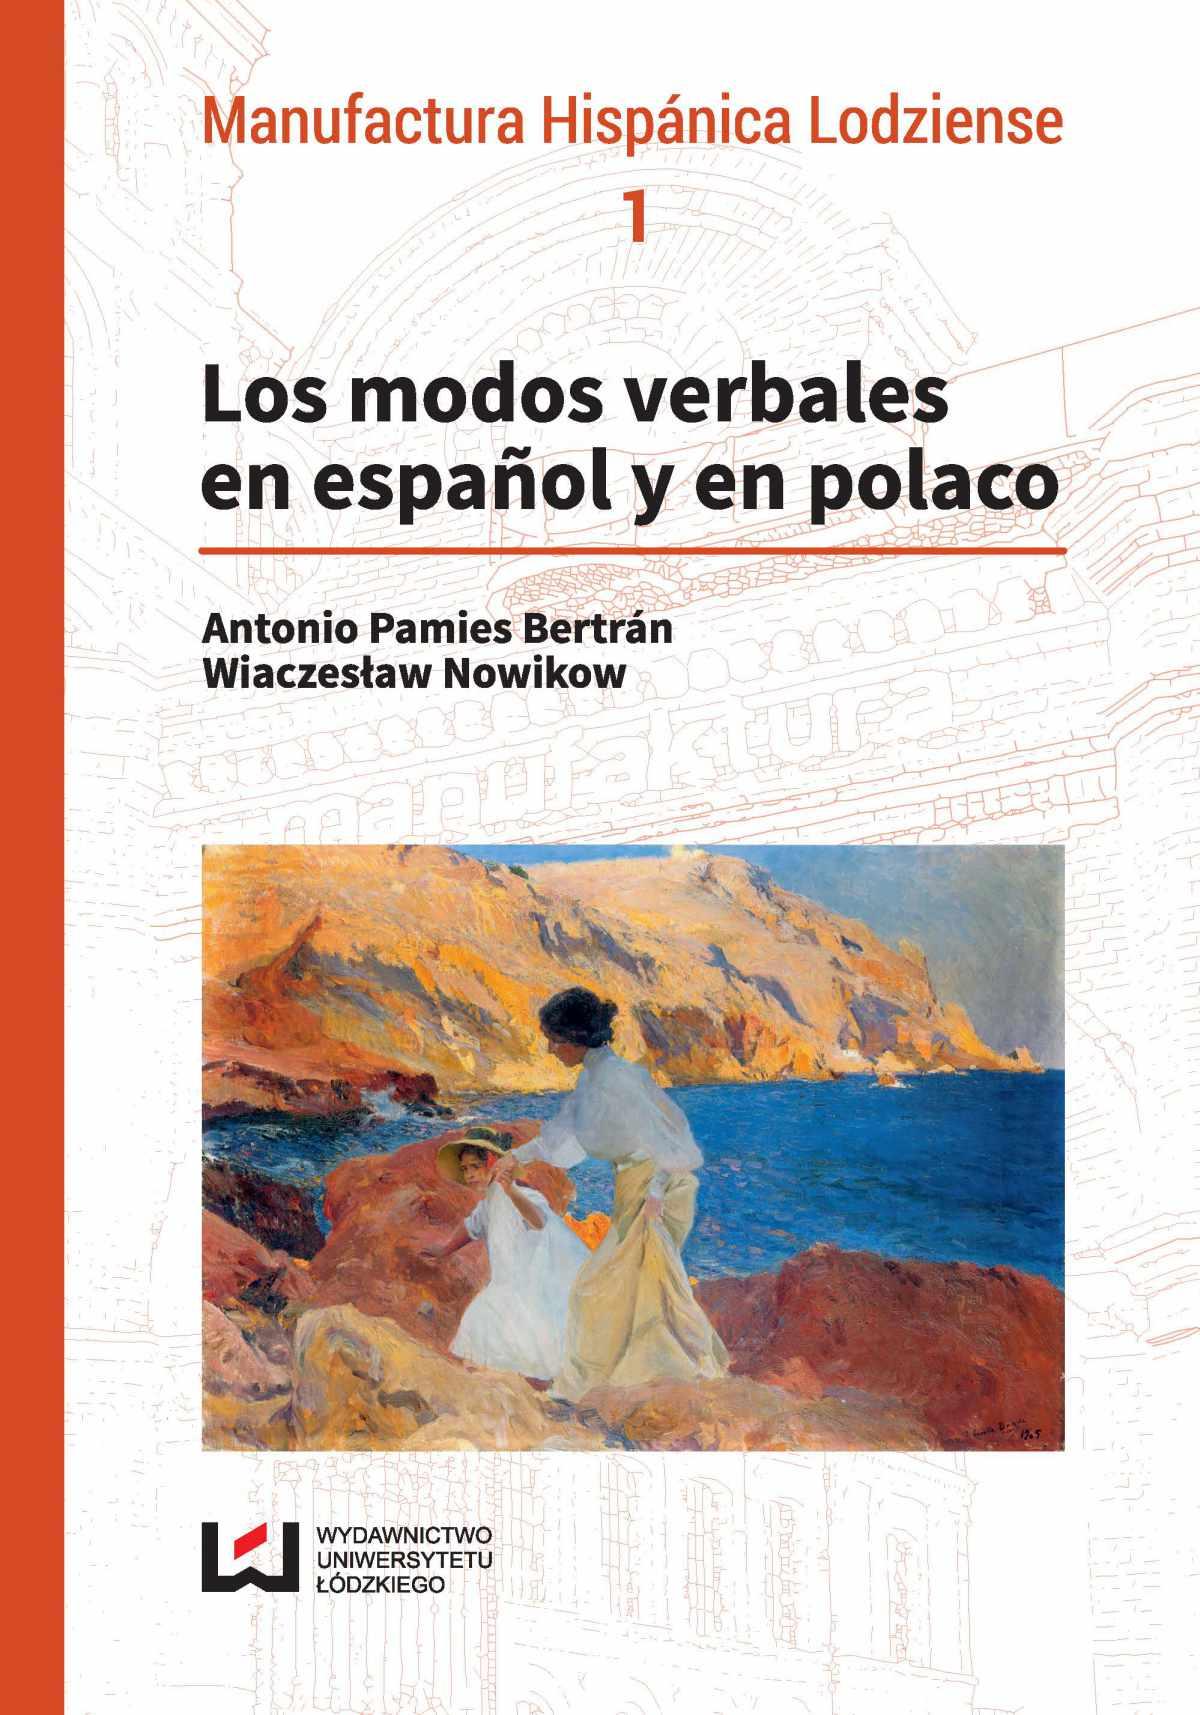 Los modos verbales en español y en polaco - Ebook (Książka PDF) do pobrania w formacie PDF